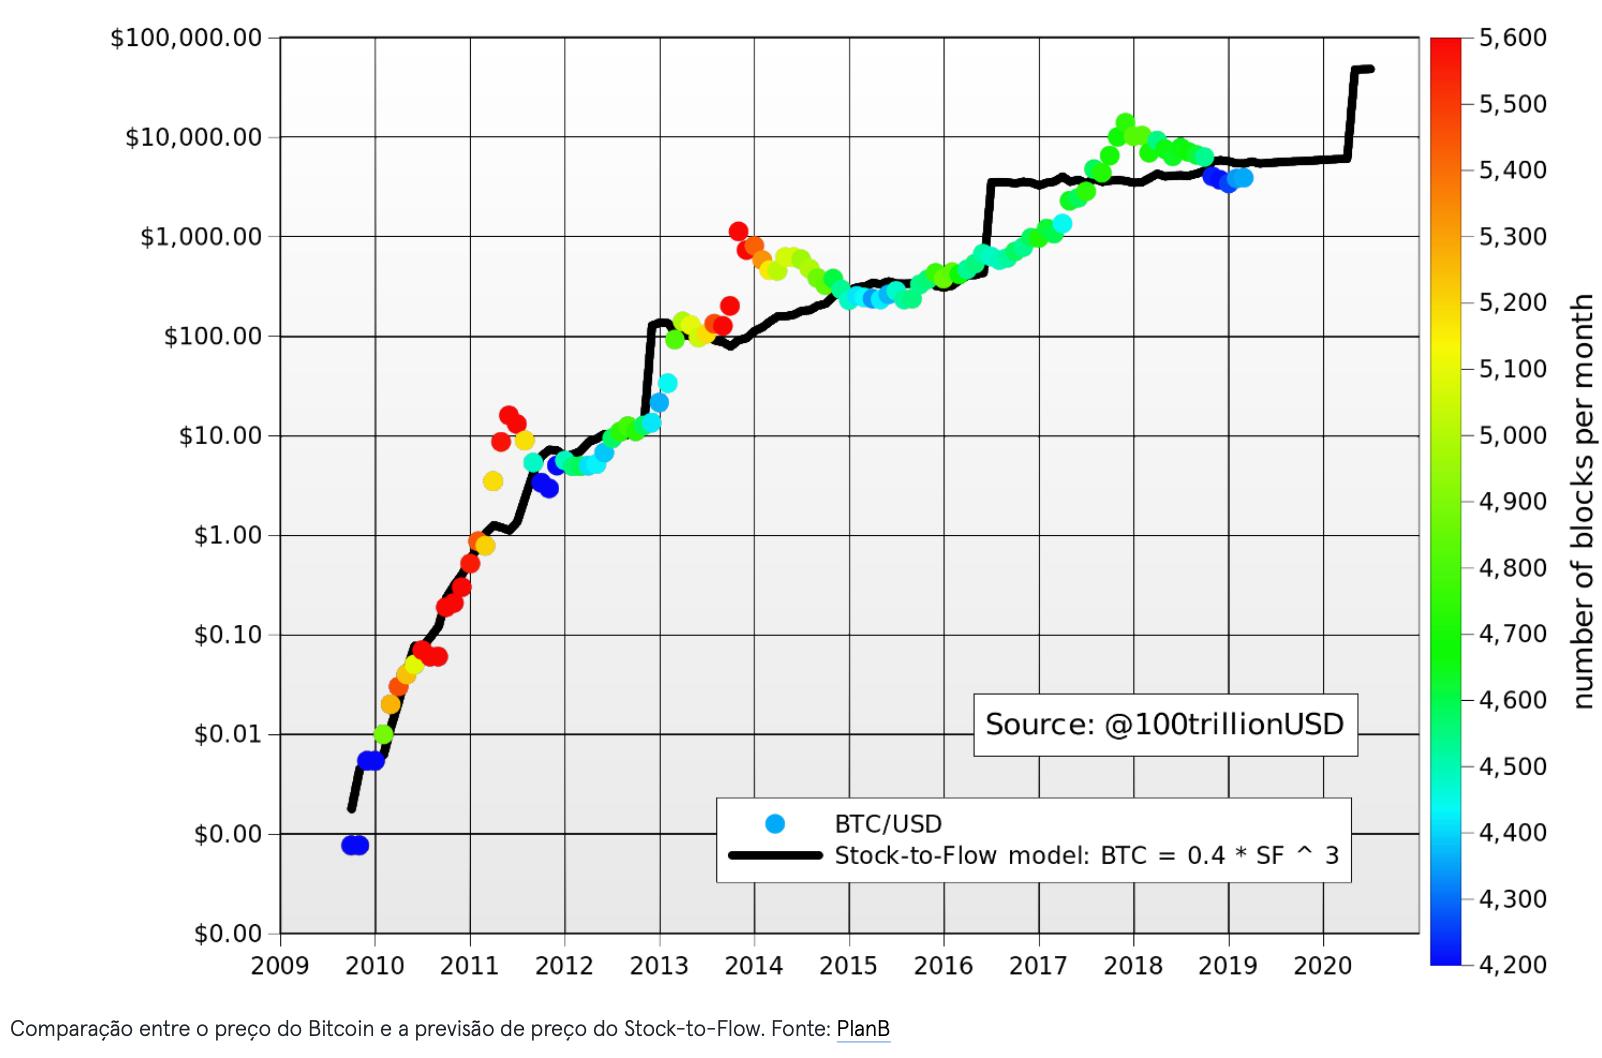 Comparação entre o preço do Bitcoin e a previsão de preço do Stock-to-Flow